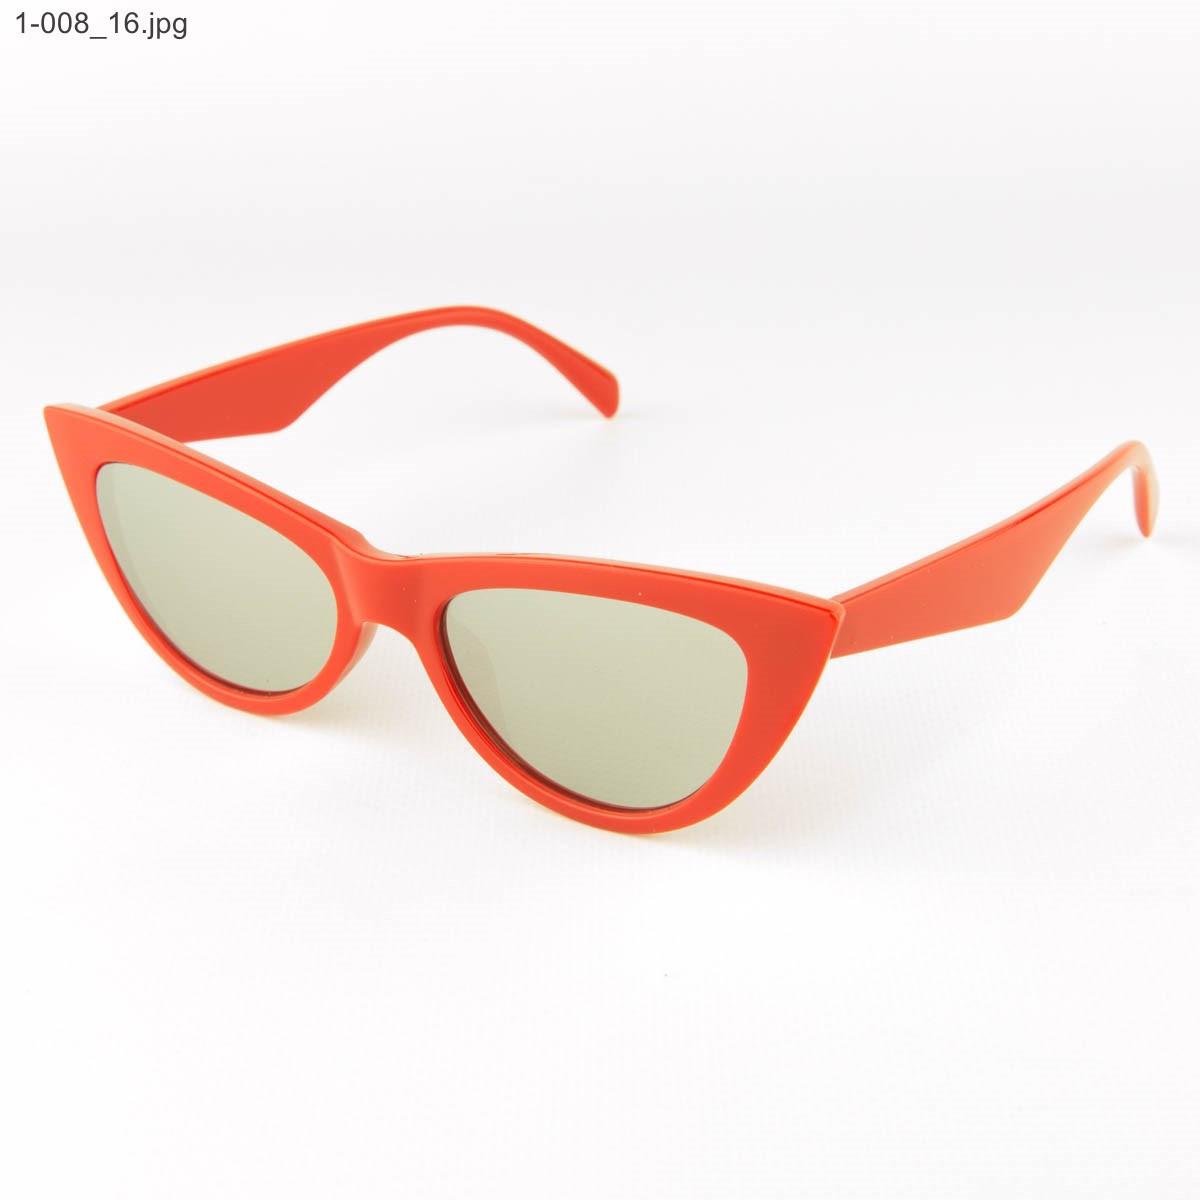 Оптом очки кошачий глаз - Красные с зеркальными линзами - 1-008